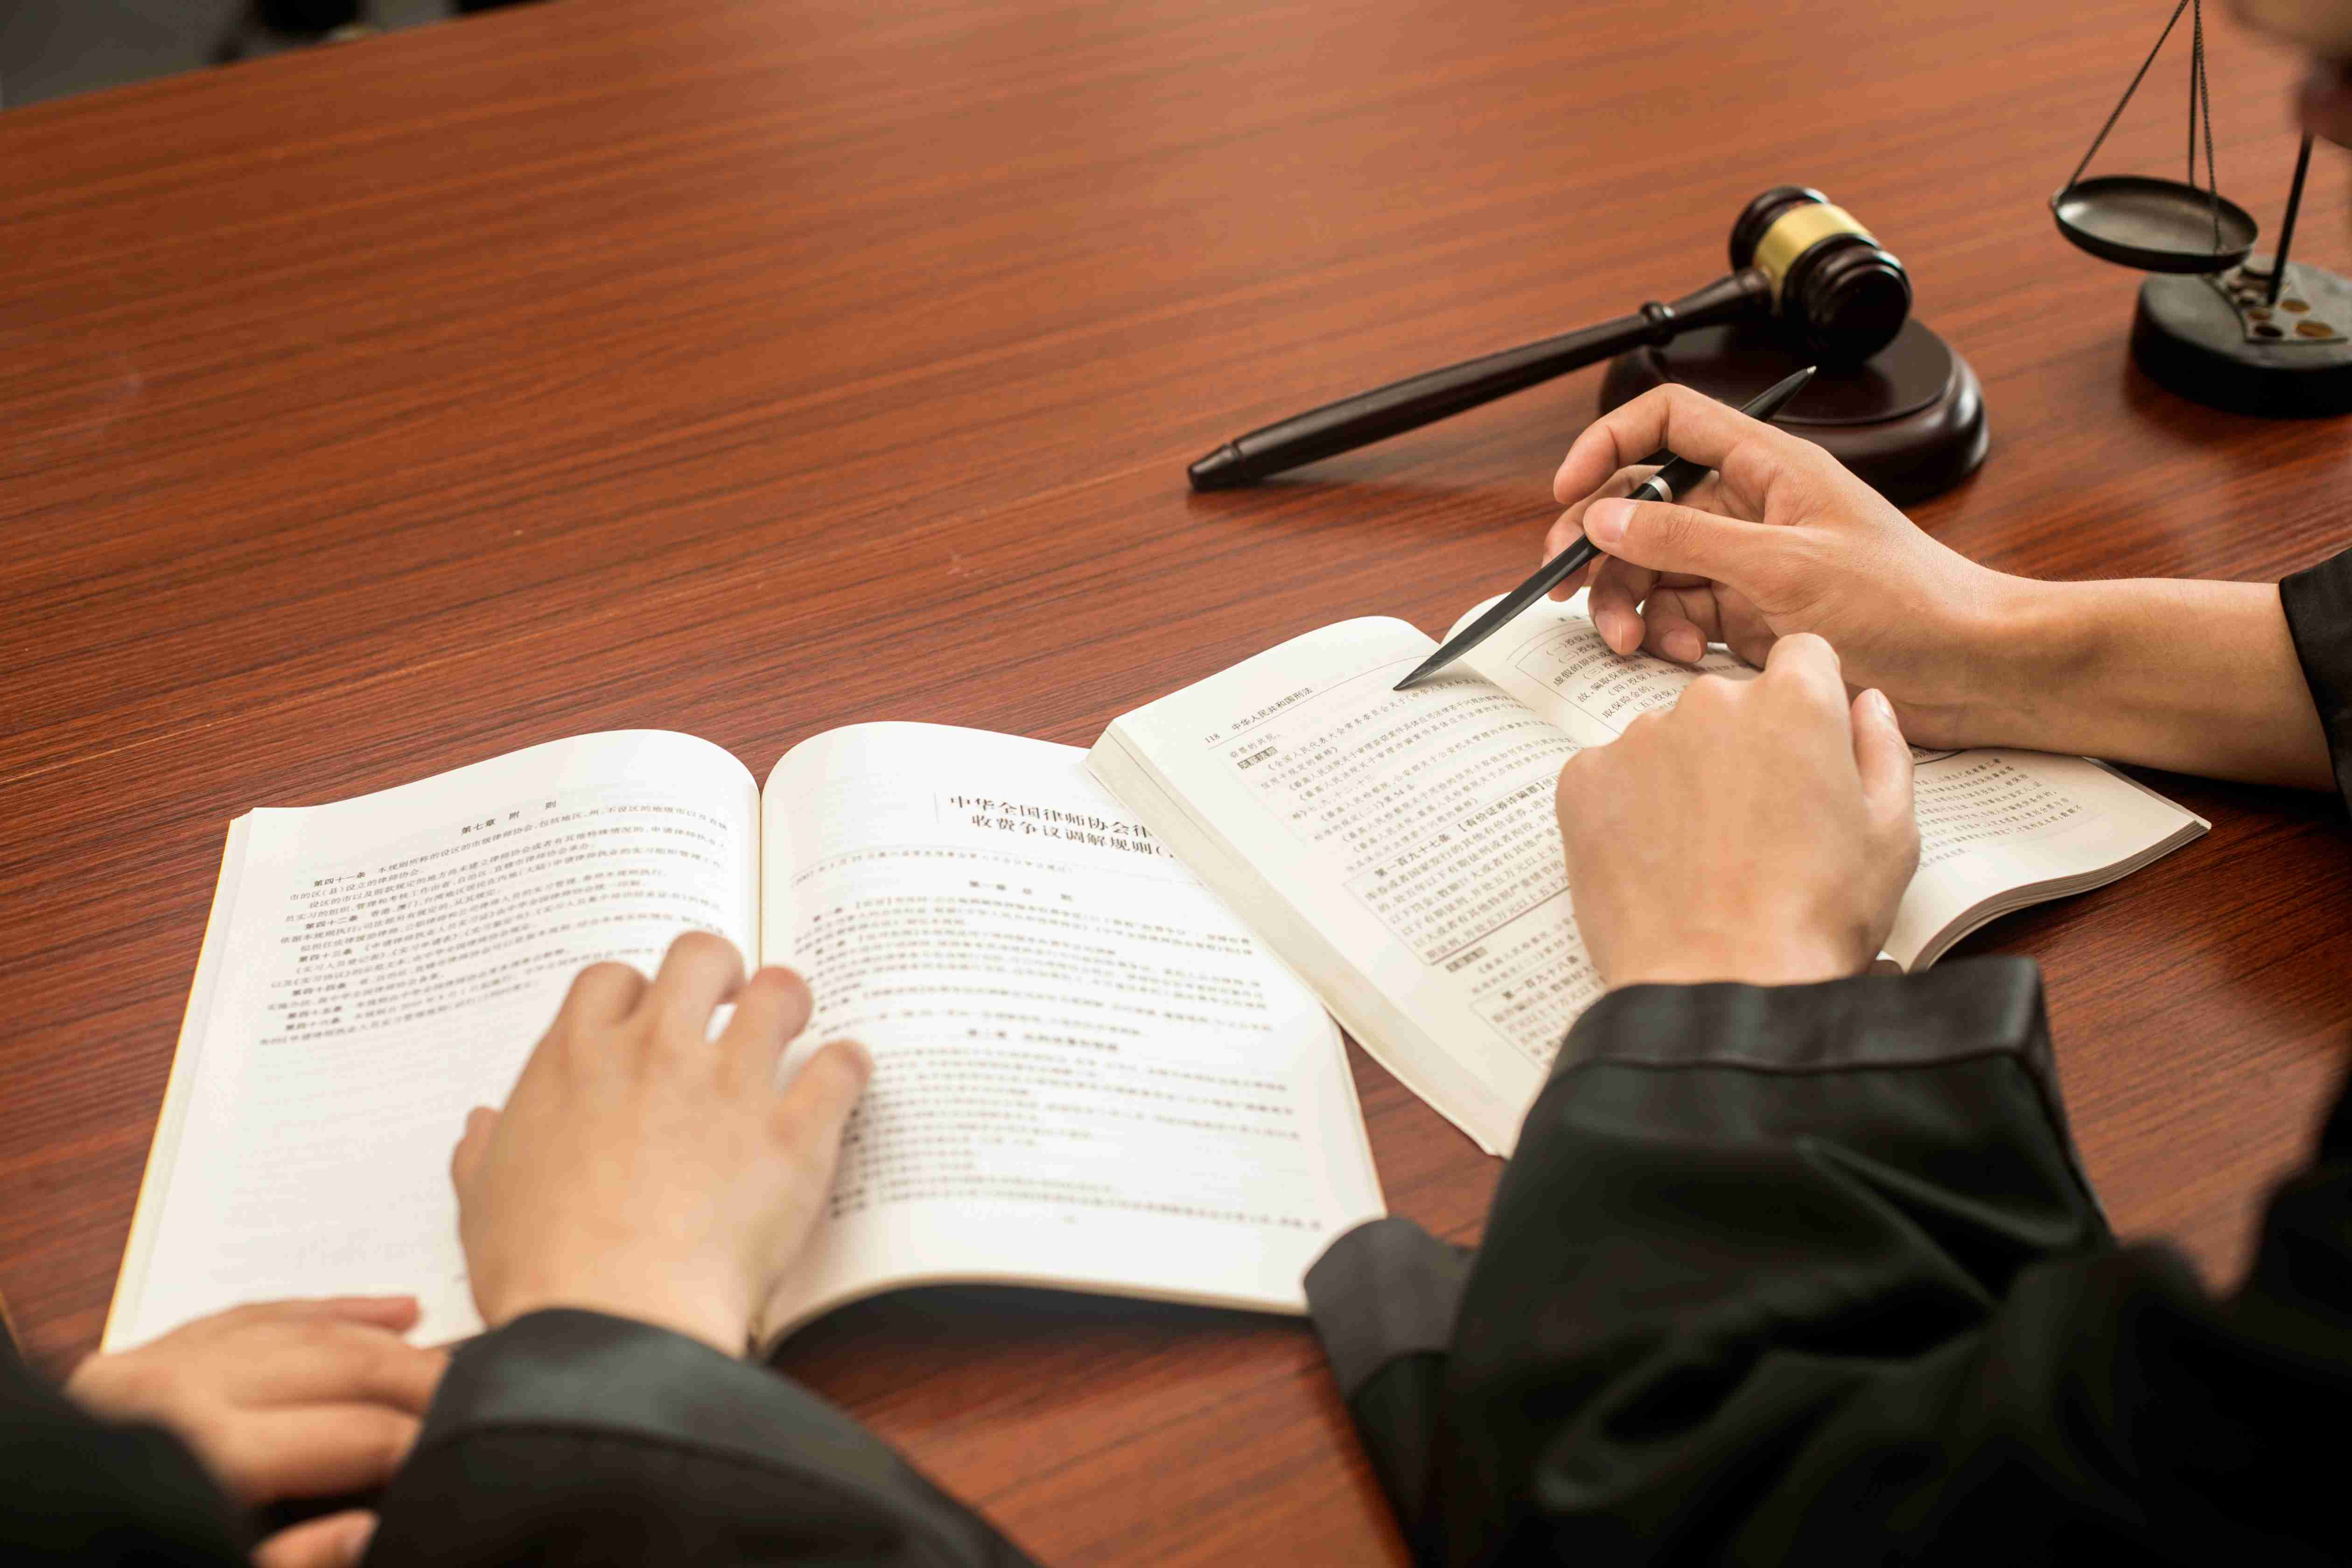 未经授权使用专利侵权了怎么办?